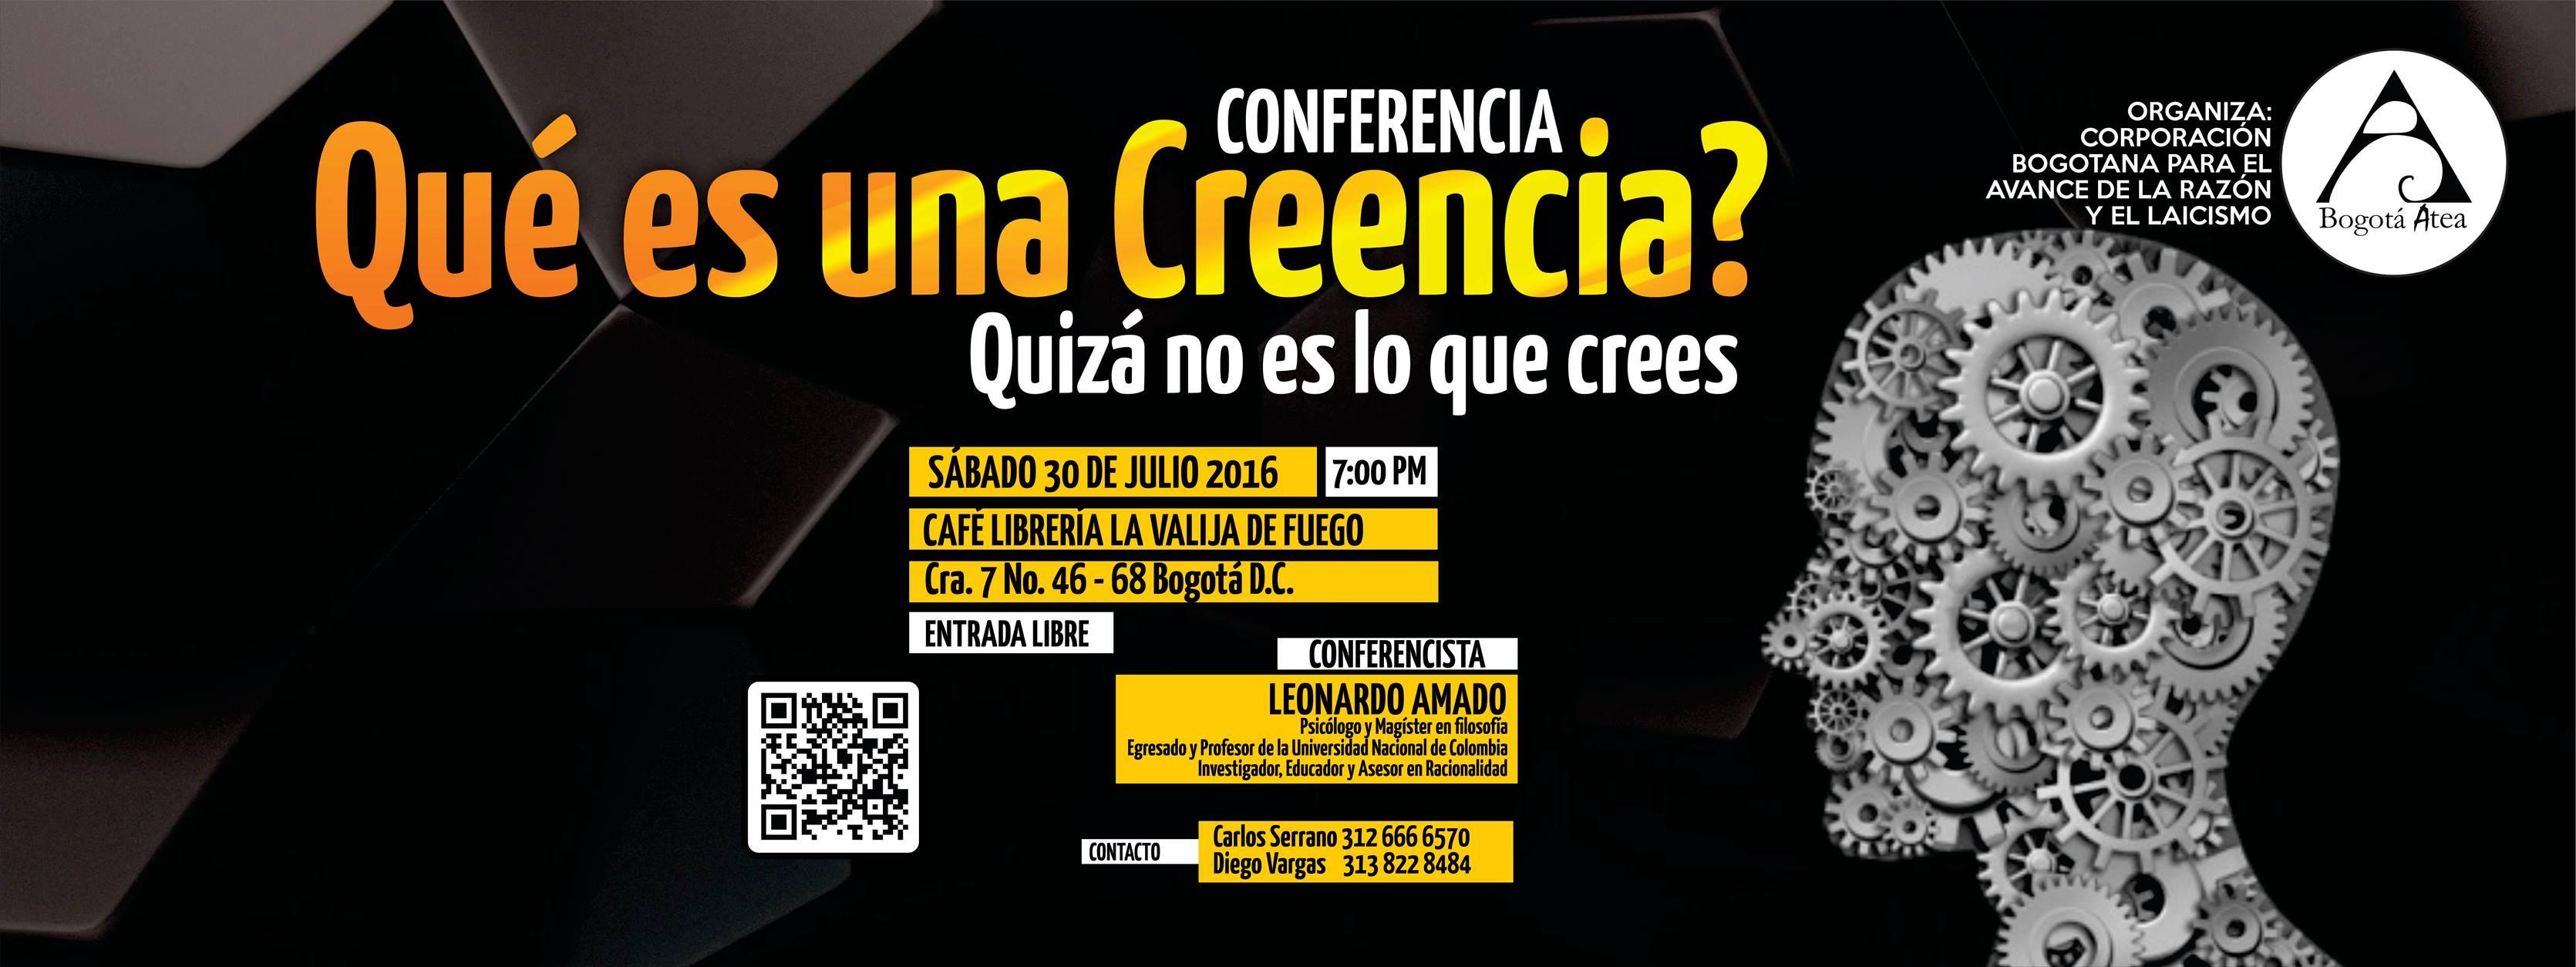 Conferencia-Qué-es-una-creencia-Leonard